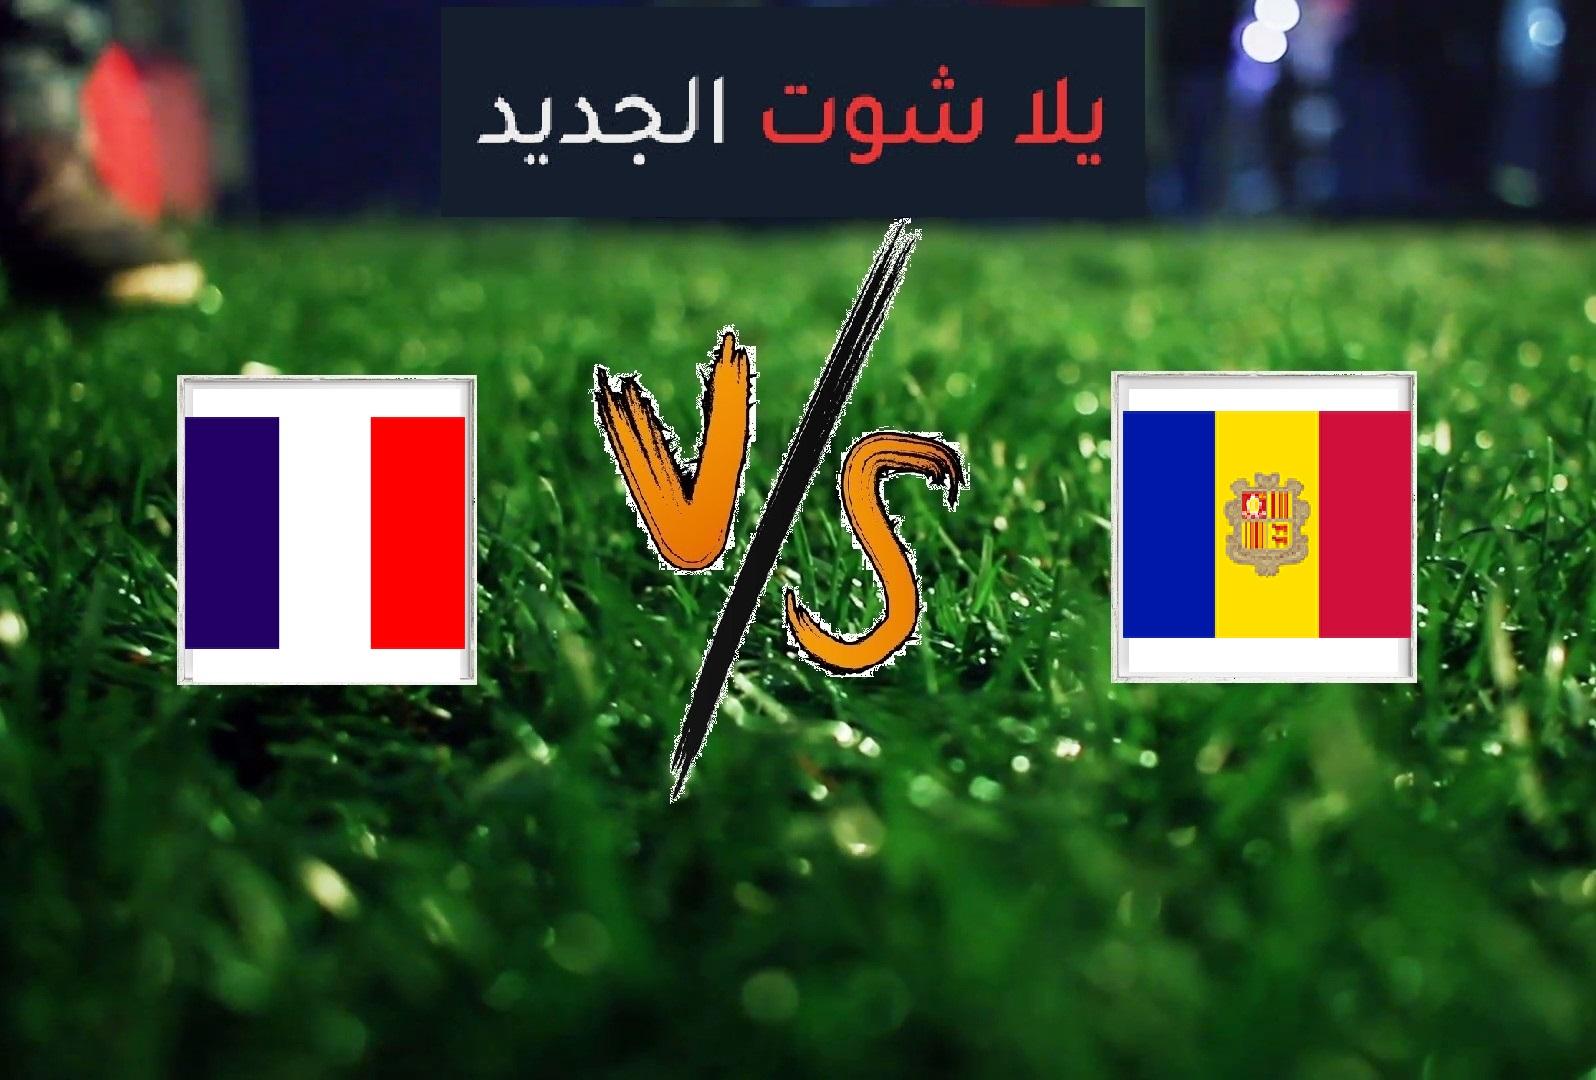 نتيجة مباراة فرنسا واندورا بتاريخ 11-06-2019 التصفيات المؤهلة ليورو 2020